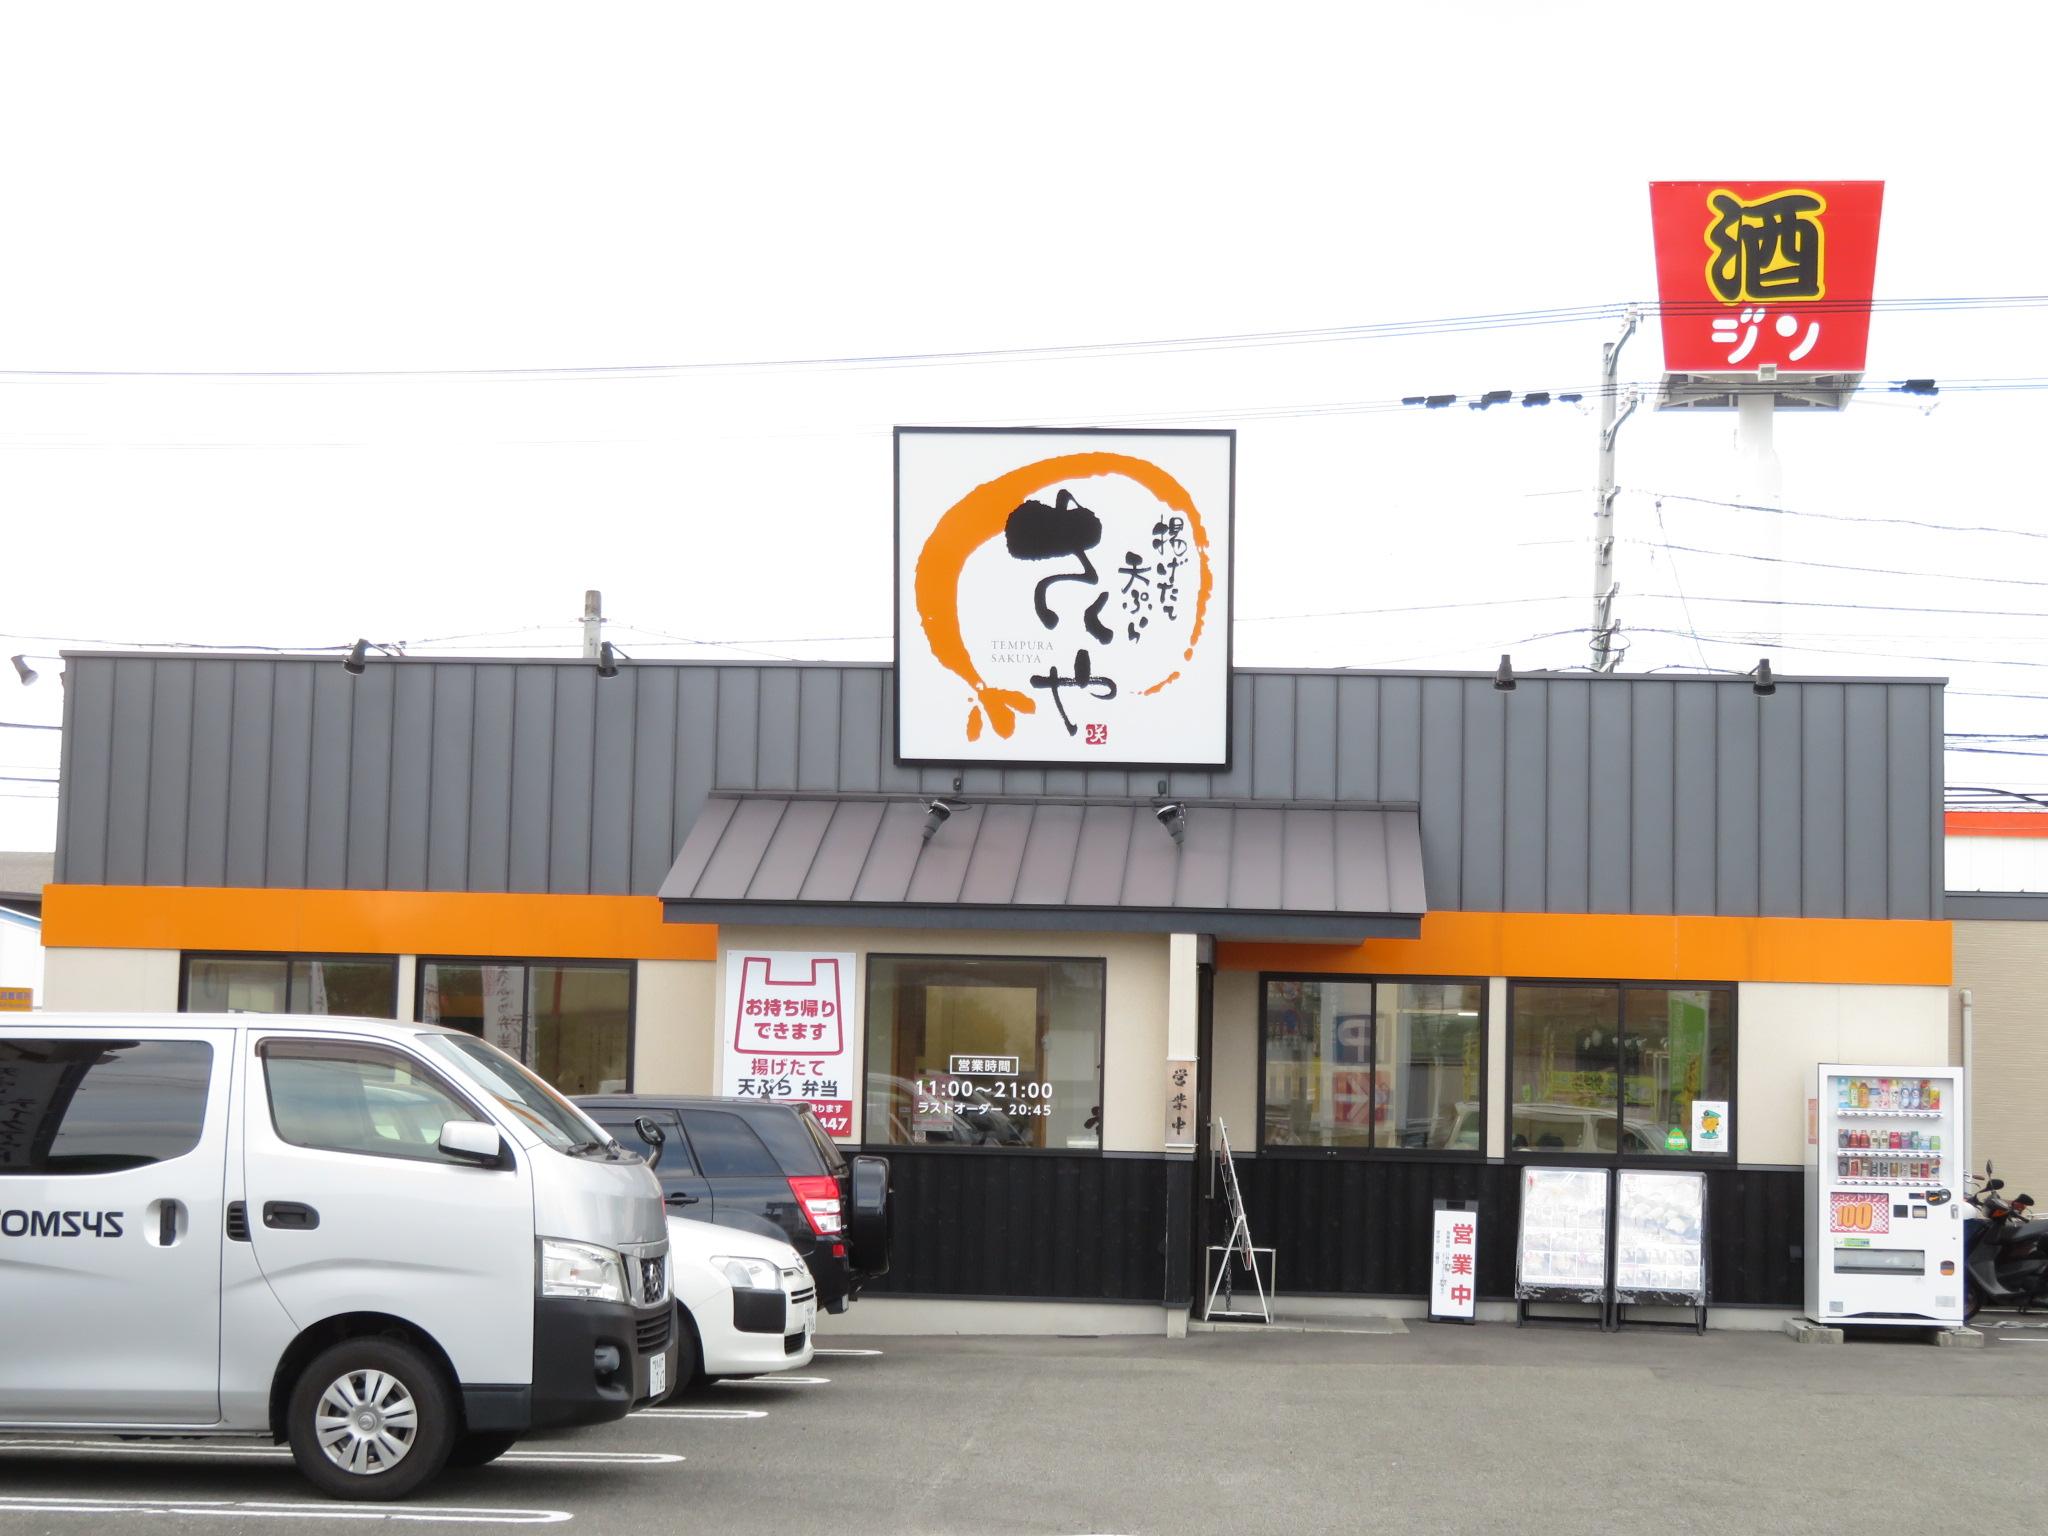 画像:揚げたて 天ぷら さくや 竹原店